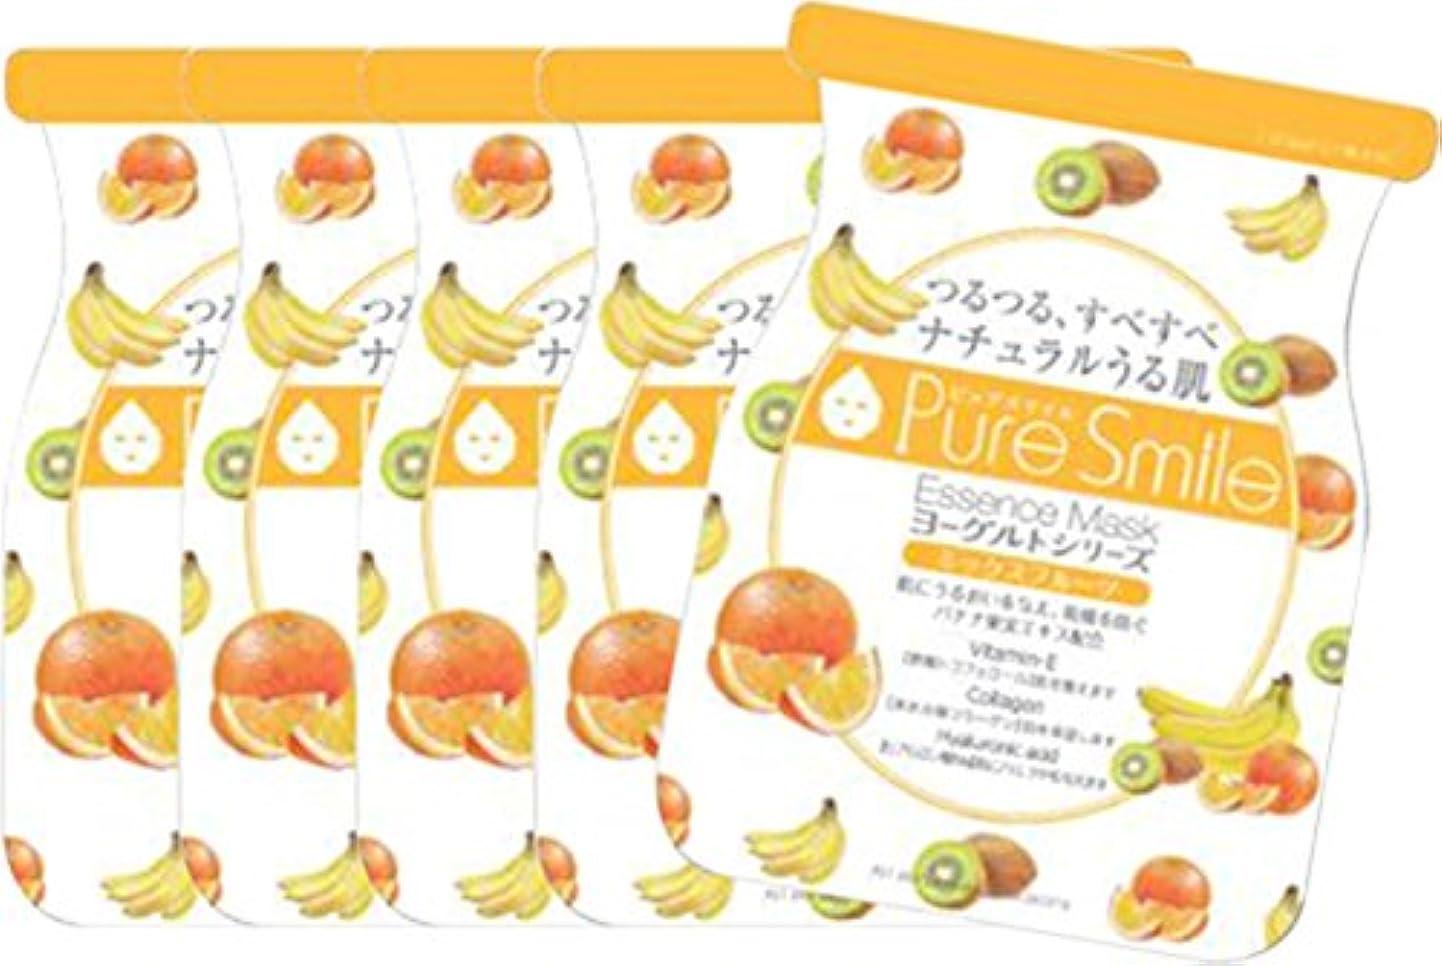 刺繍スポンジ歯ピュアスマイル エッセンスマスク ヨーグルトシリーズ ミックスフルーツ 5枚セット